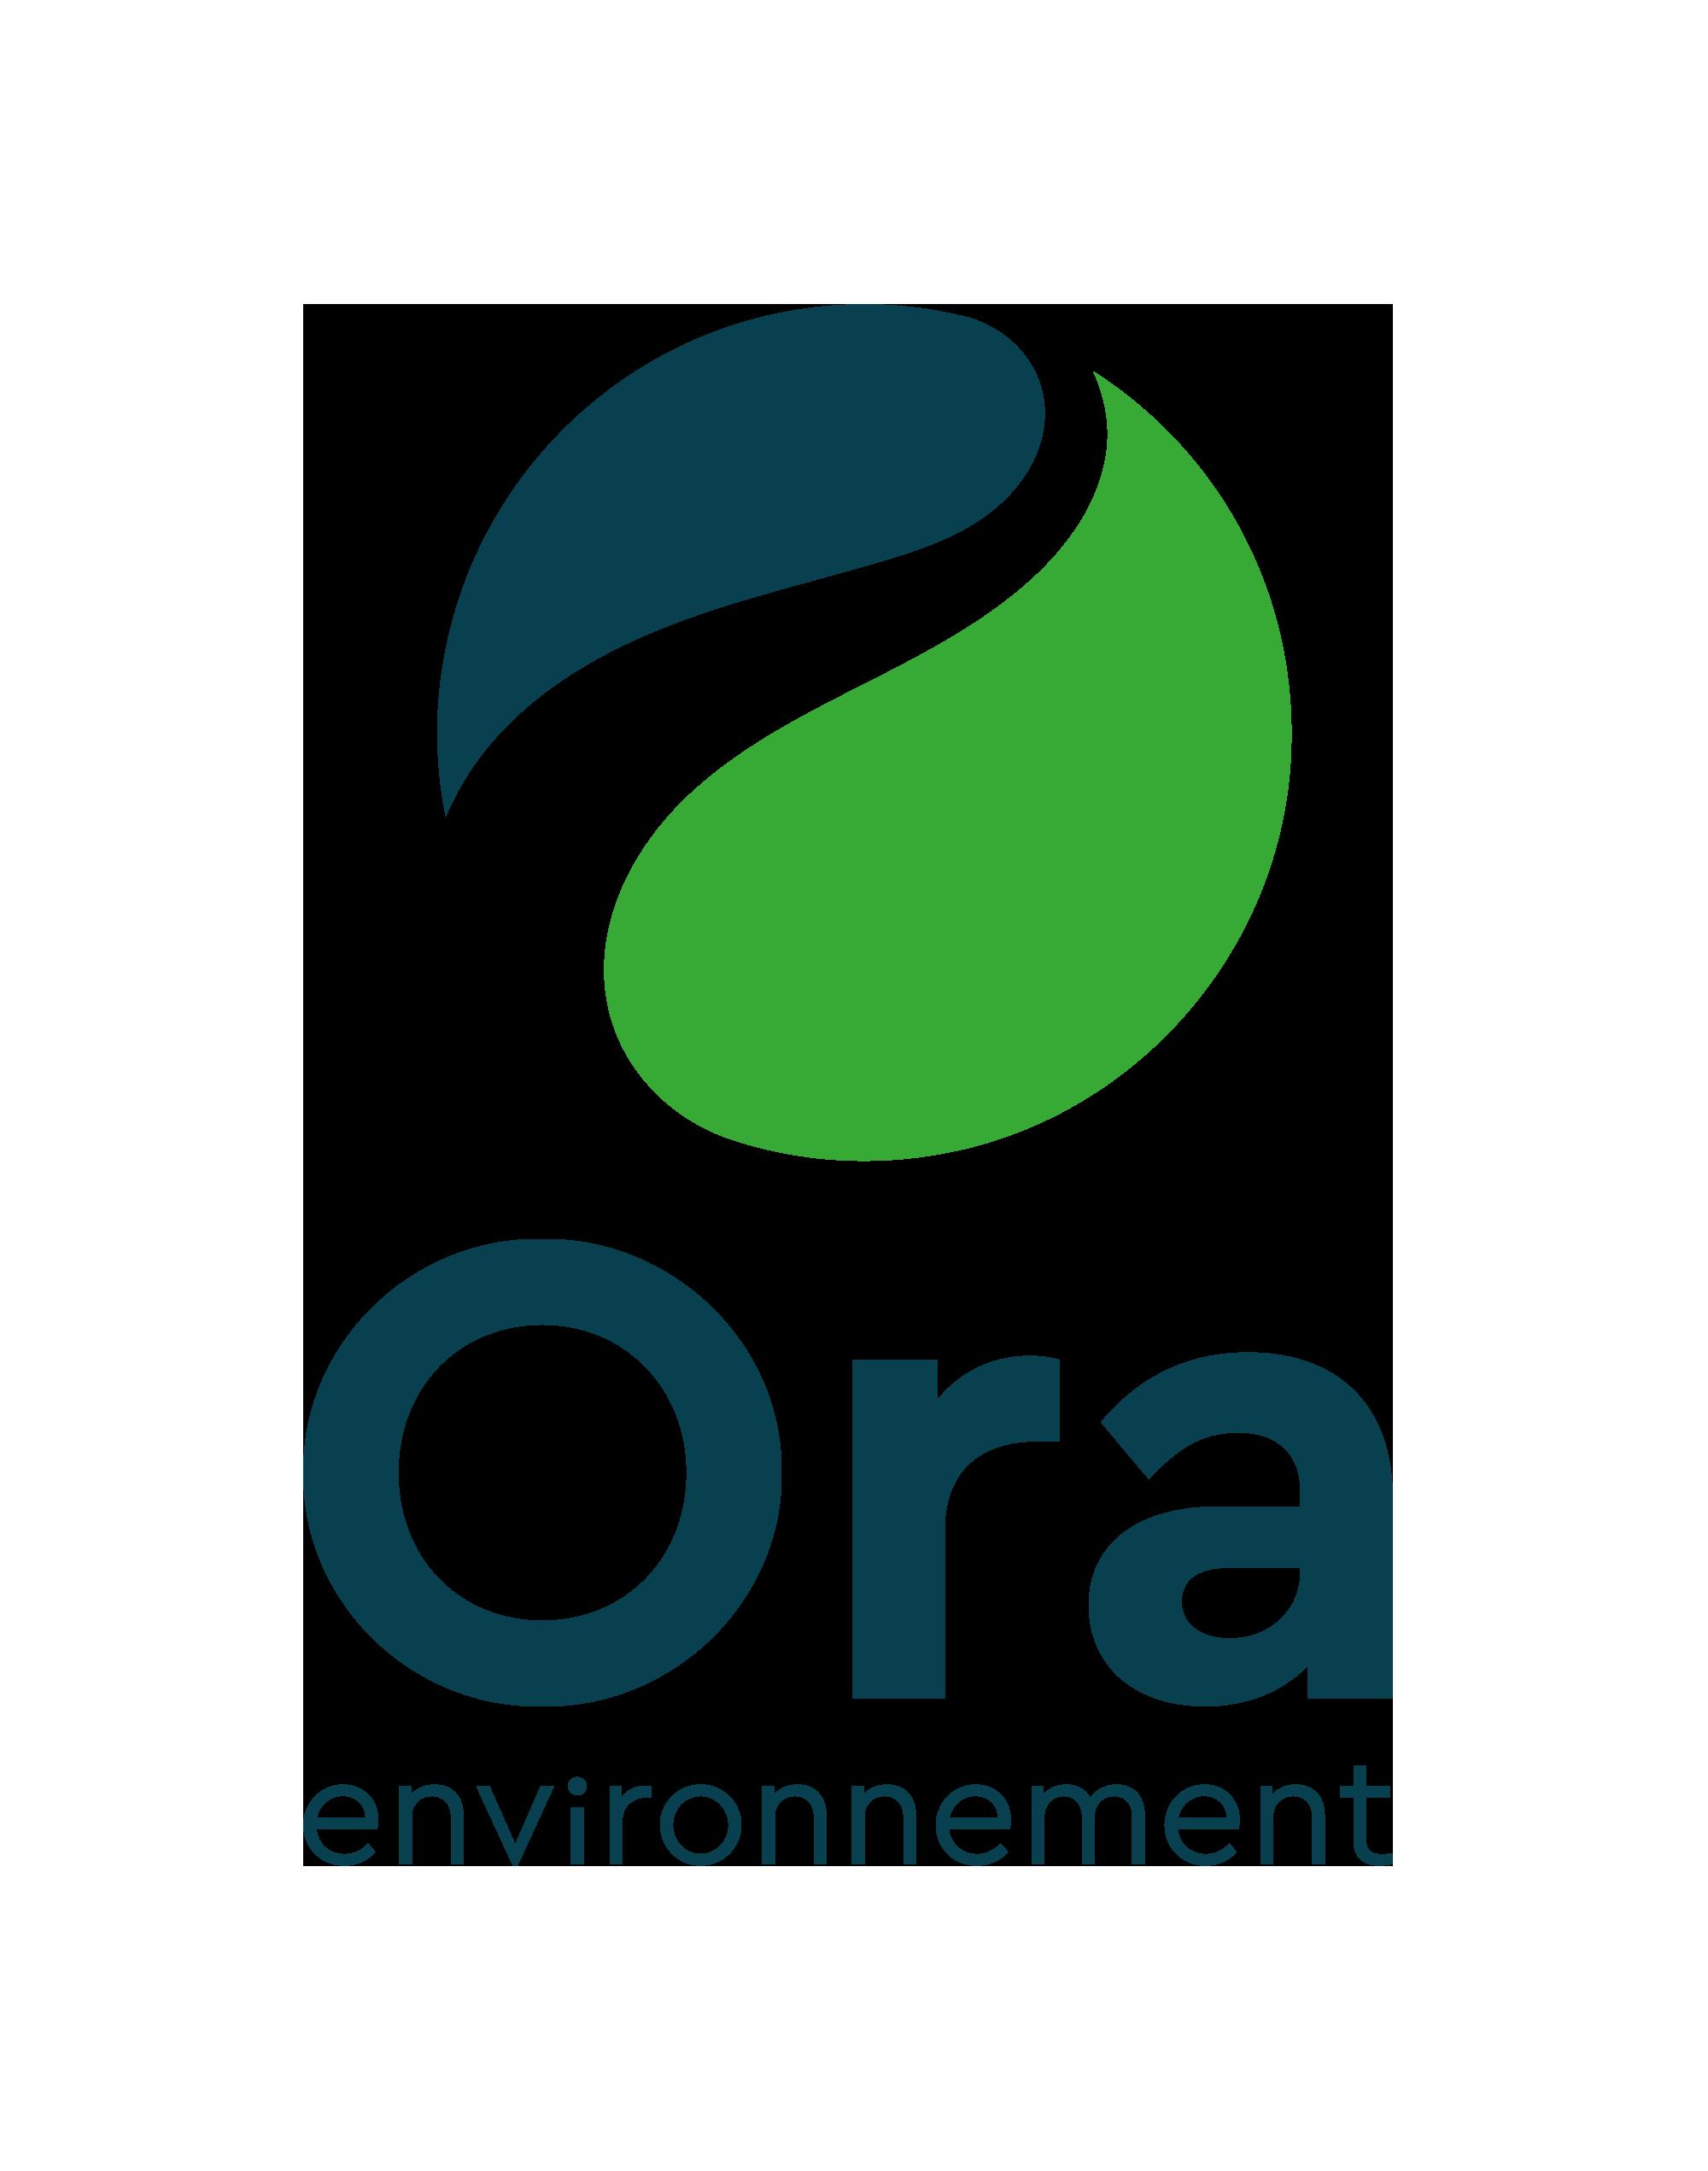 Bureau d'études Ora environnement